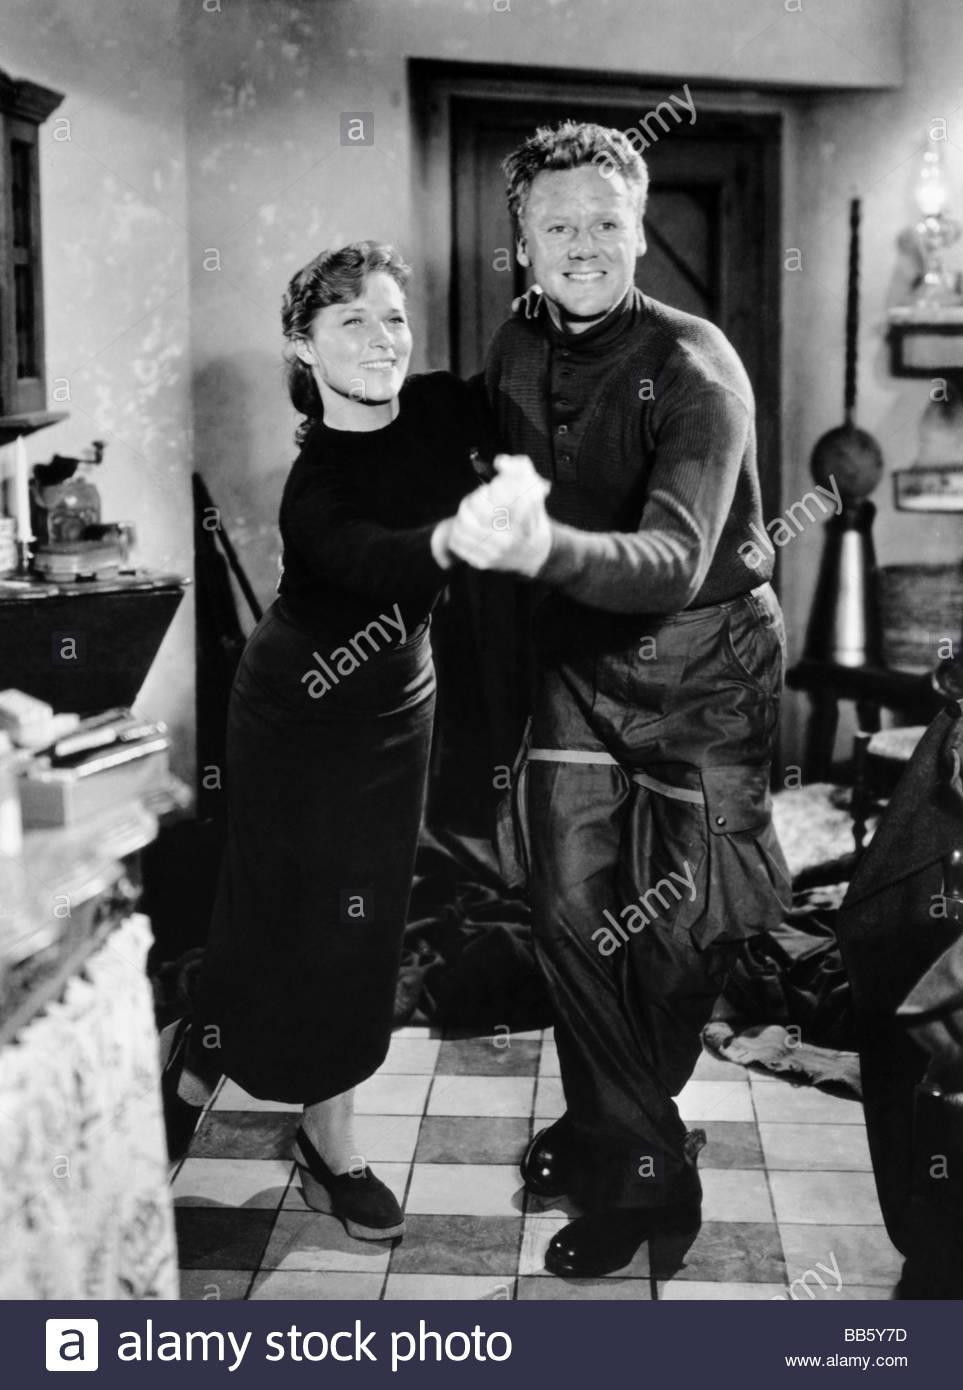 movie, 'Battleground', USA 1949, director: William Wellman, scene with: Denise Darcel, Charles Van Johnson, - Stock Image